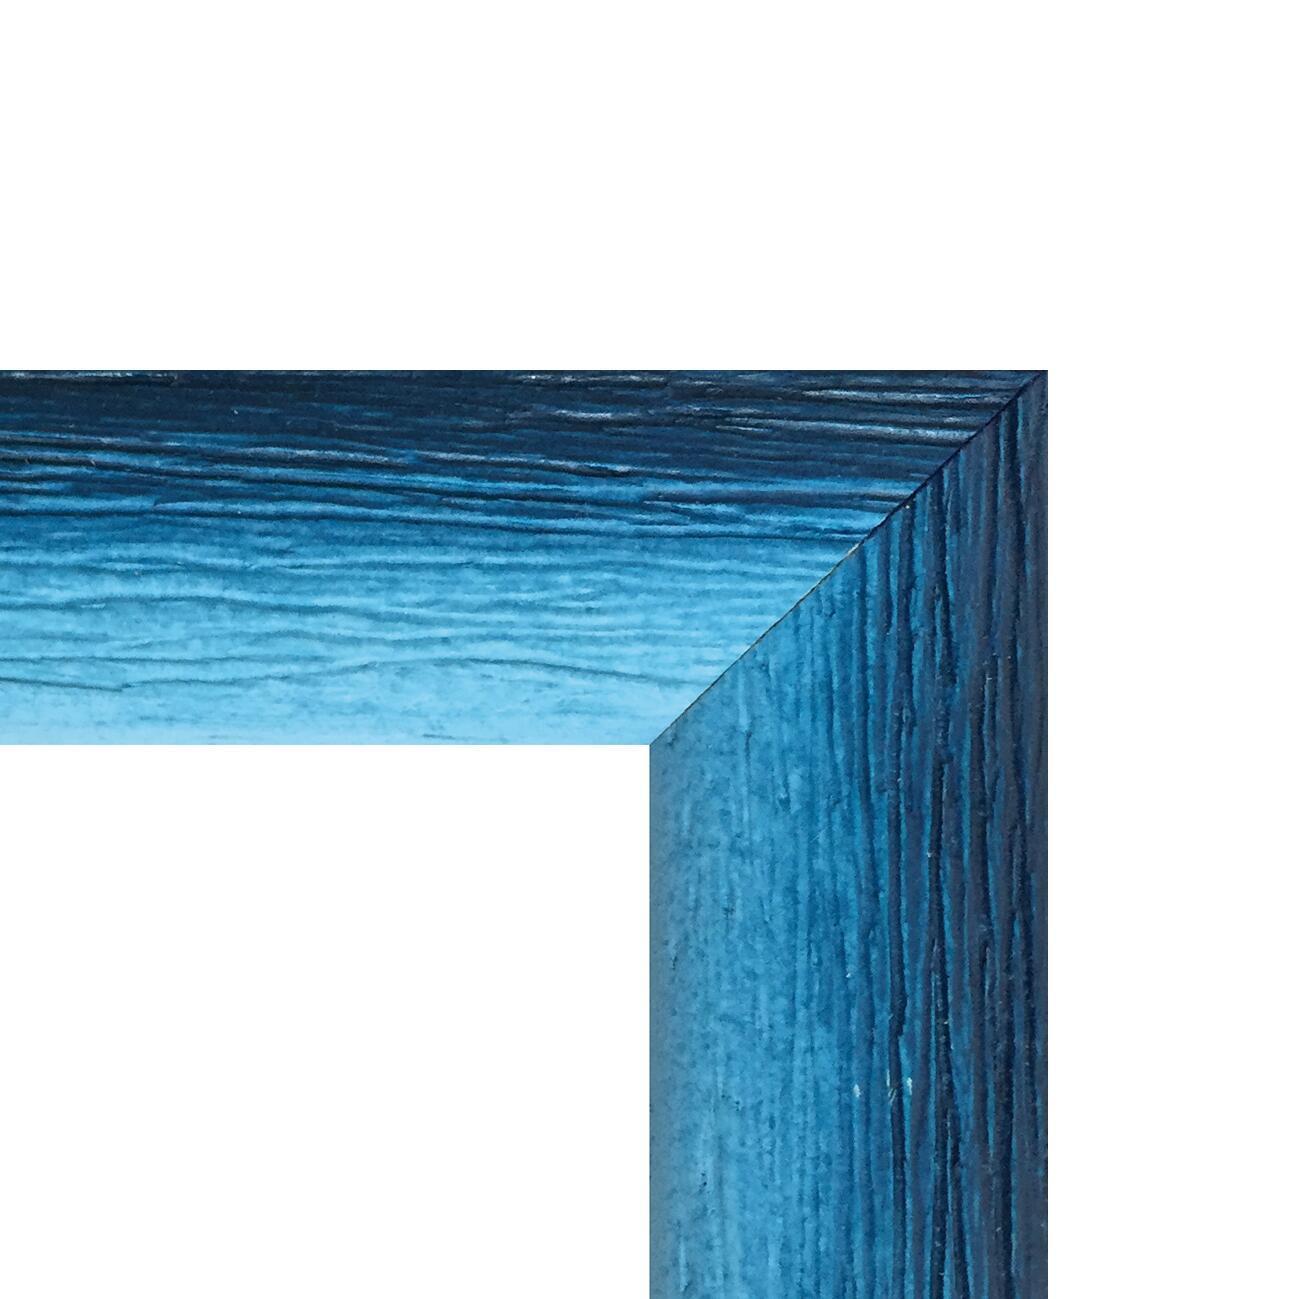 Cornice INSPIRE Bicolor azzurro<multisep/>blu per foto da 13x18 cm - 2